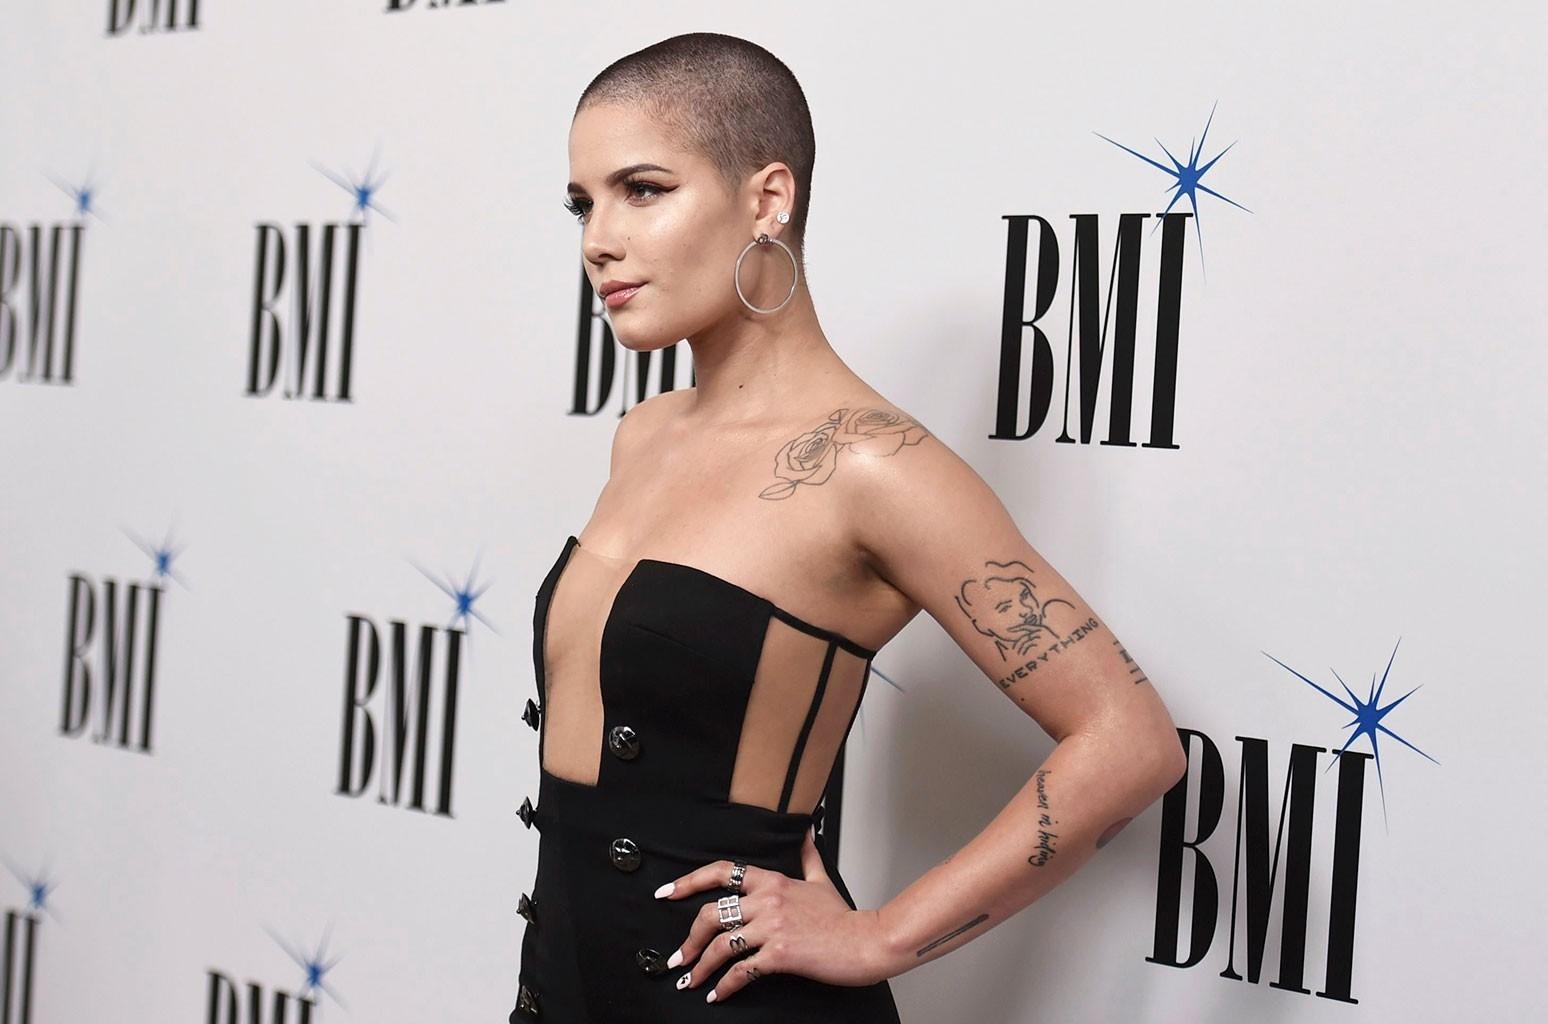 Billboard представил рейтинг самых высокооплачиваемых музыкантов в США - фото №5